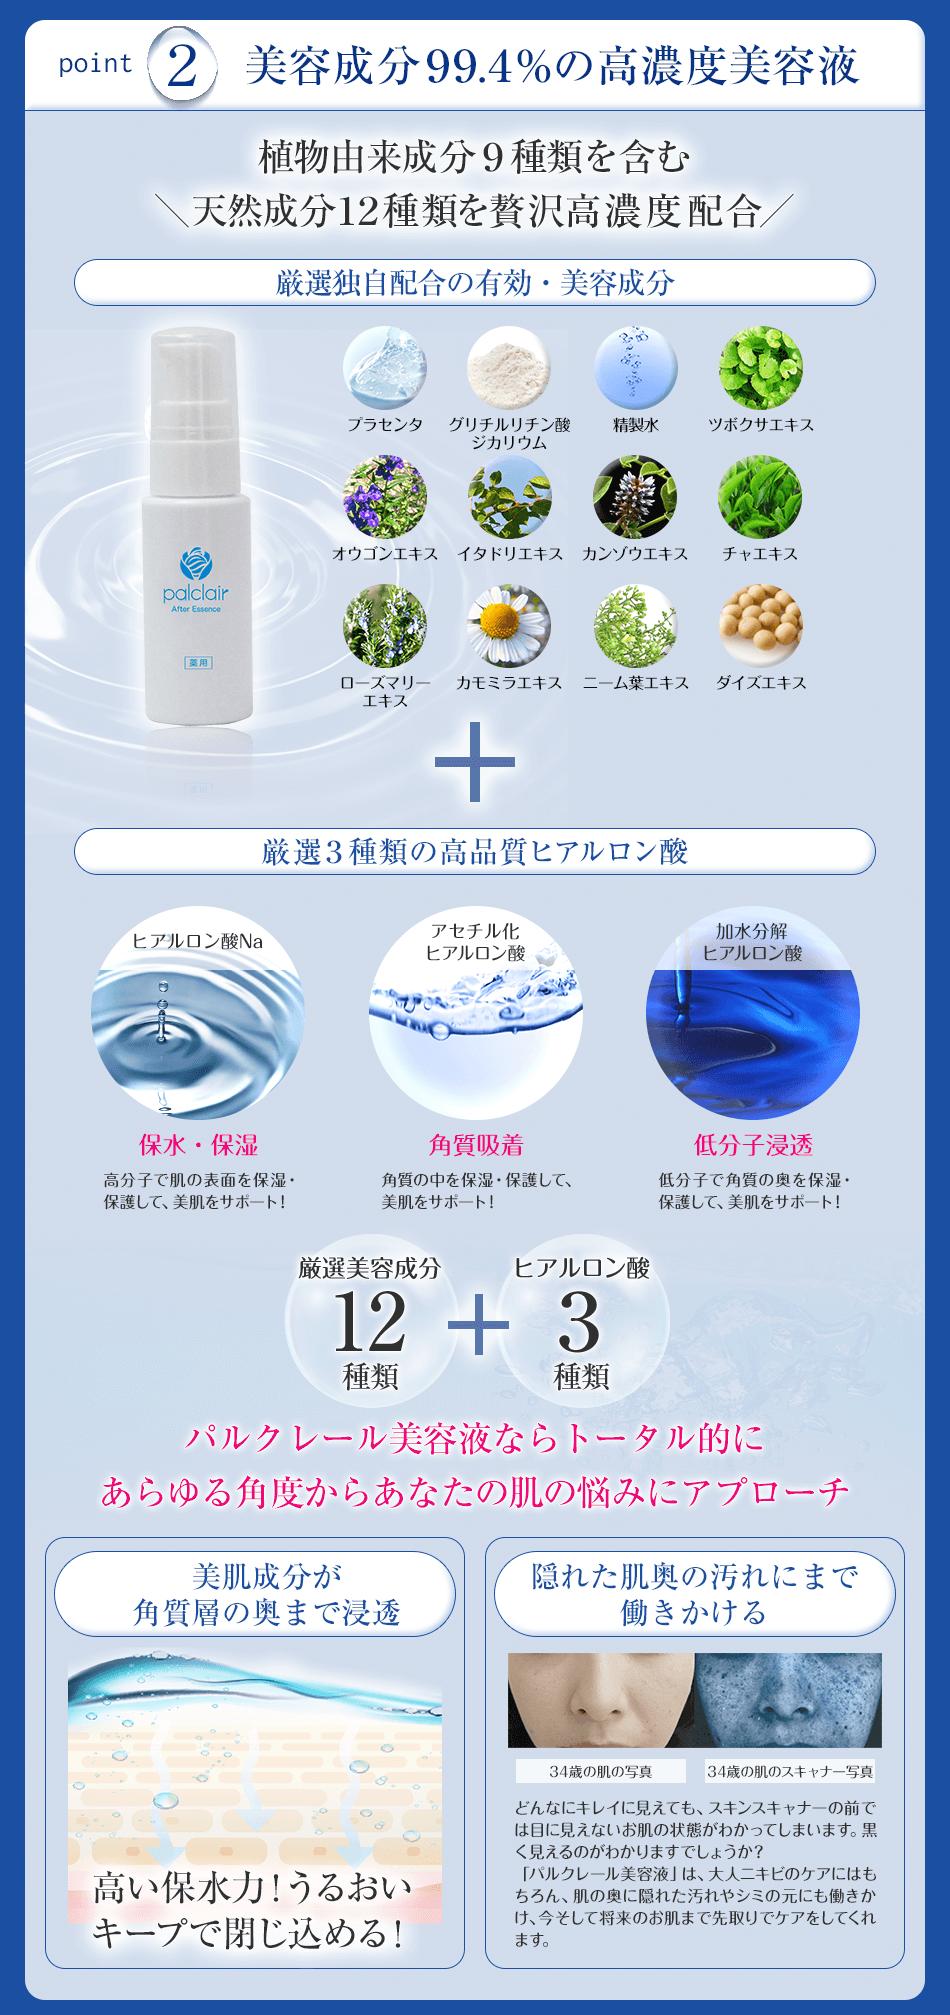 美容成分99.4%の高濃度美容液